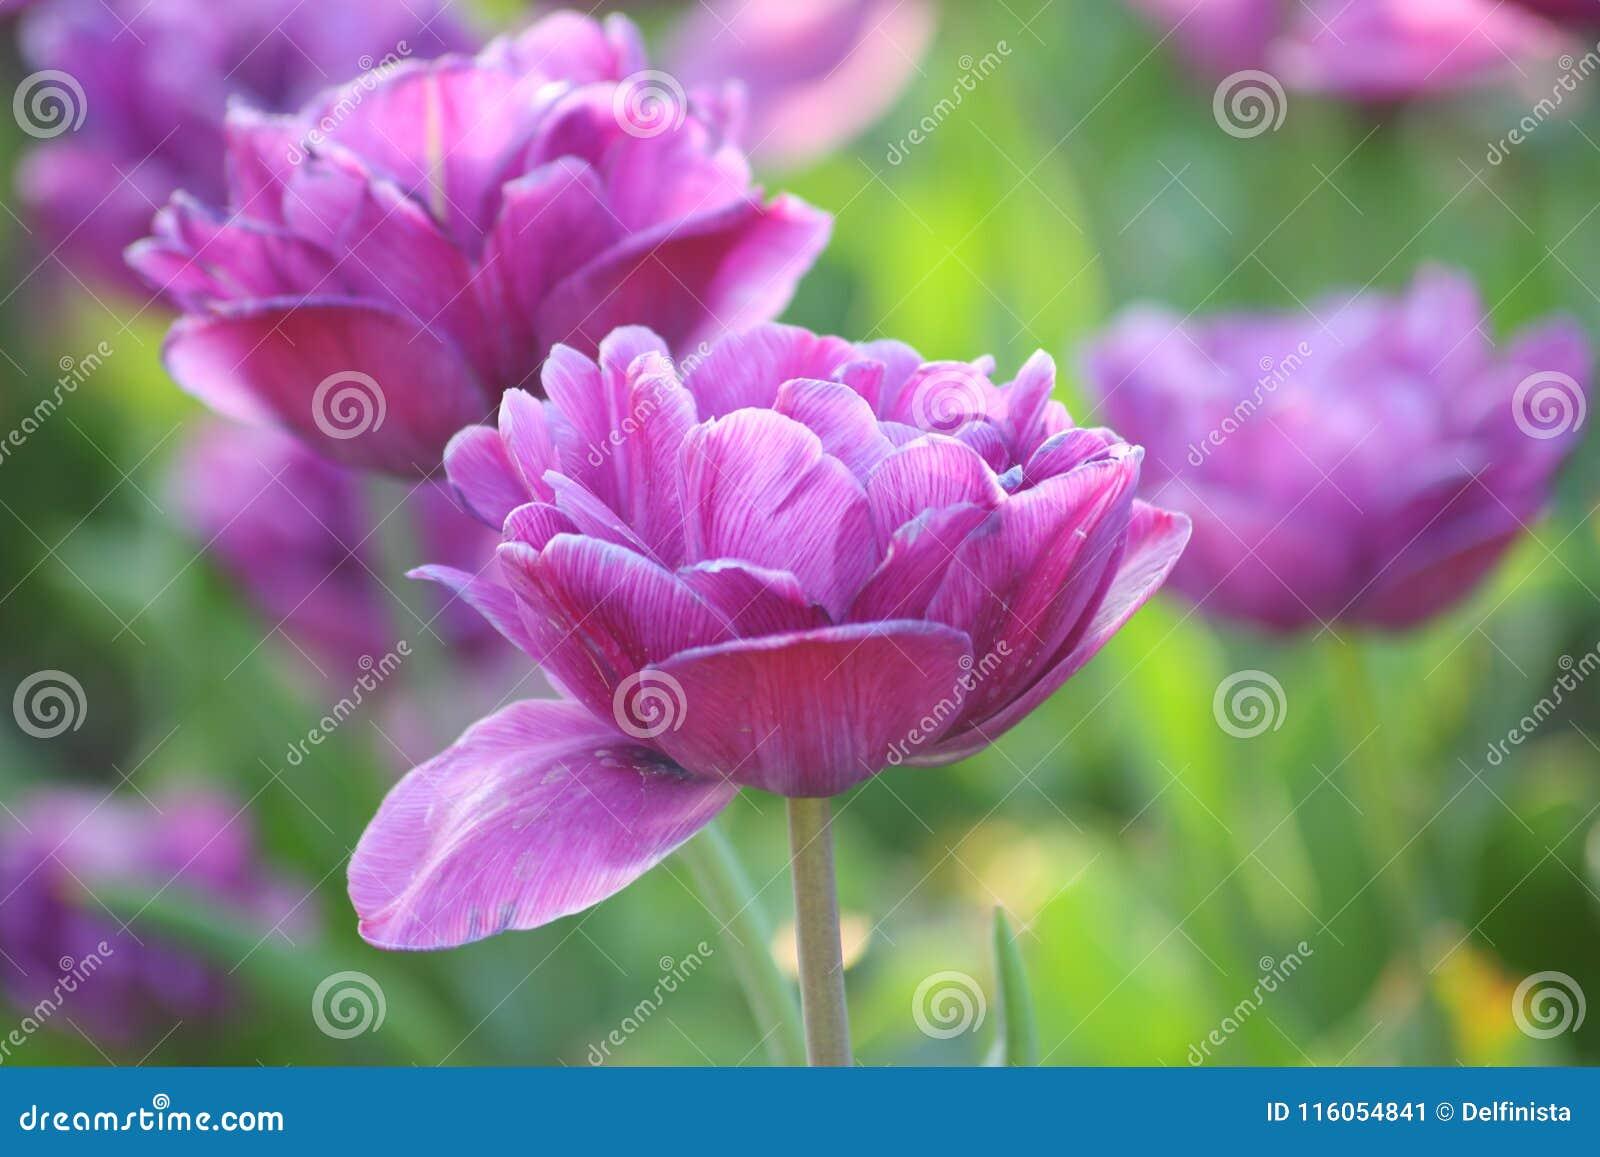 Tulpenbloemen - Voorraadfoto s